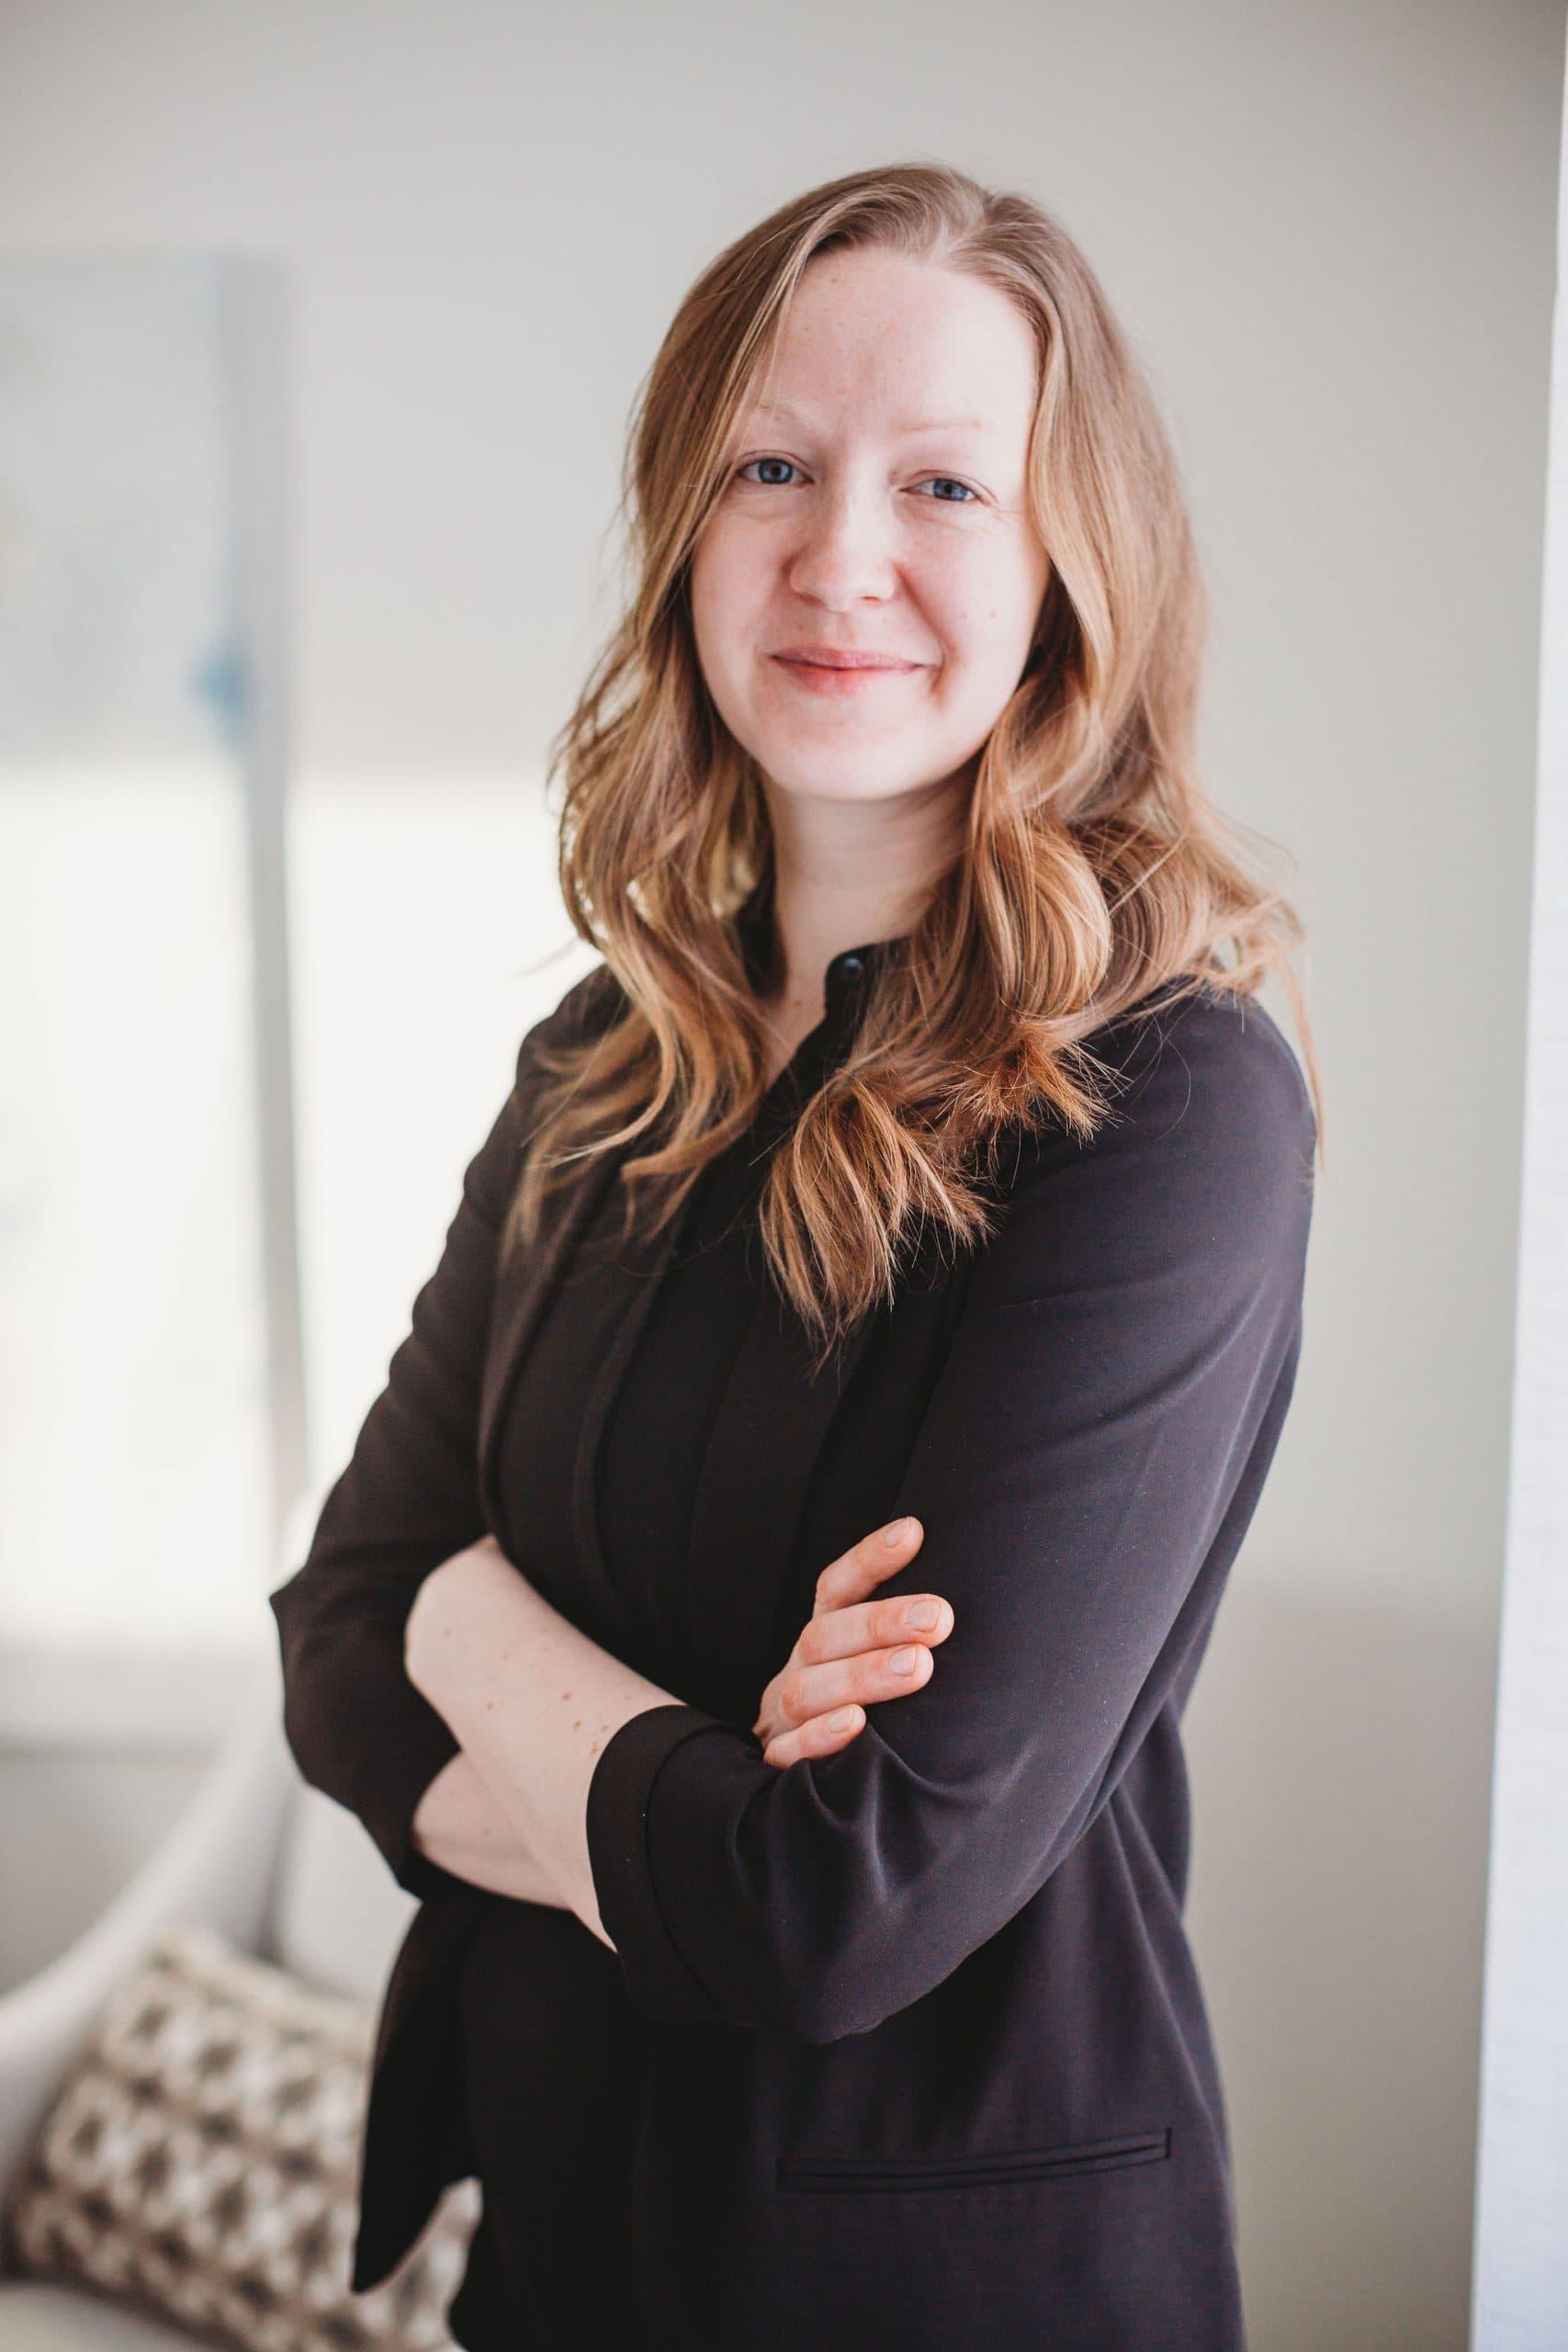 Erin Weiss